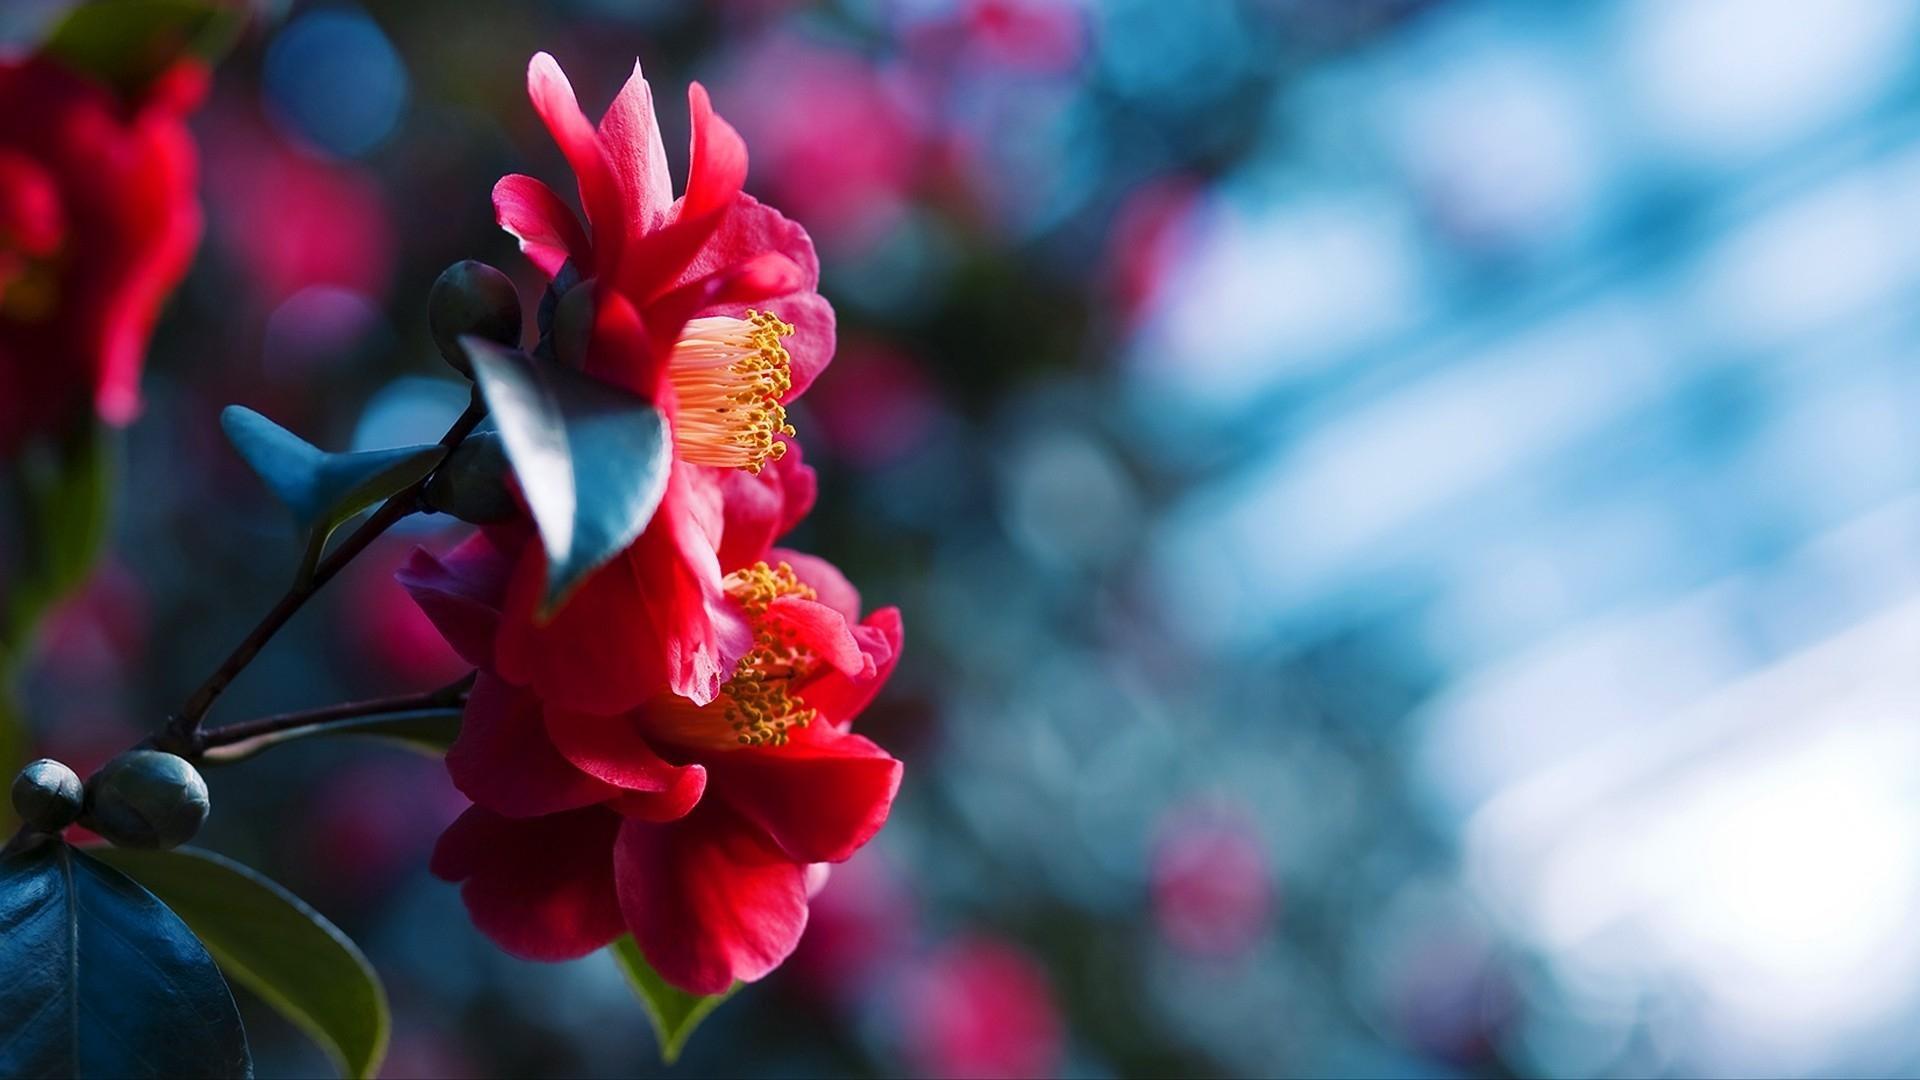 Desktop Backgrounds Hd Flowers